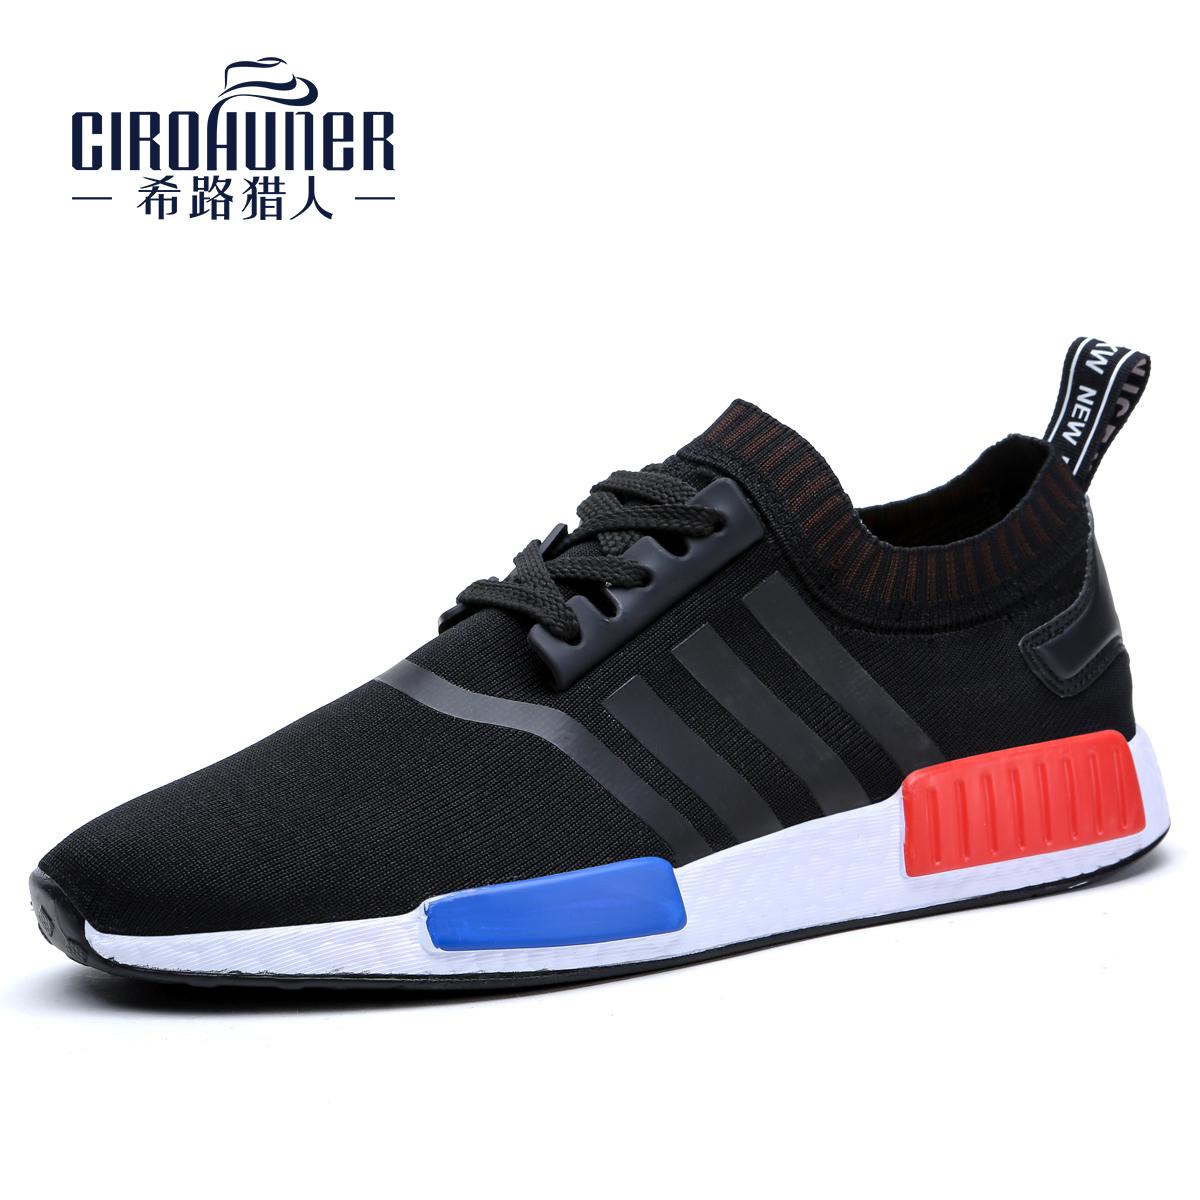 男鞋冬季潮鞋2016新款 运动鞋男跑步鞋青少年男士休闲鞋百搭鞋子